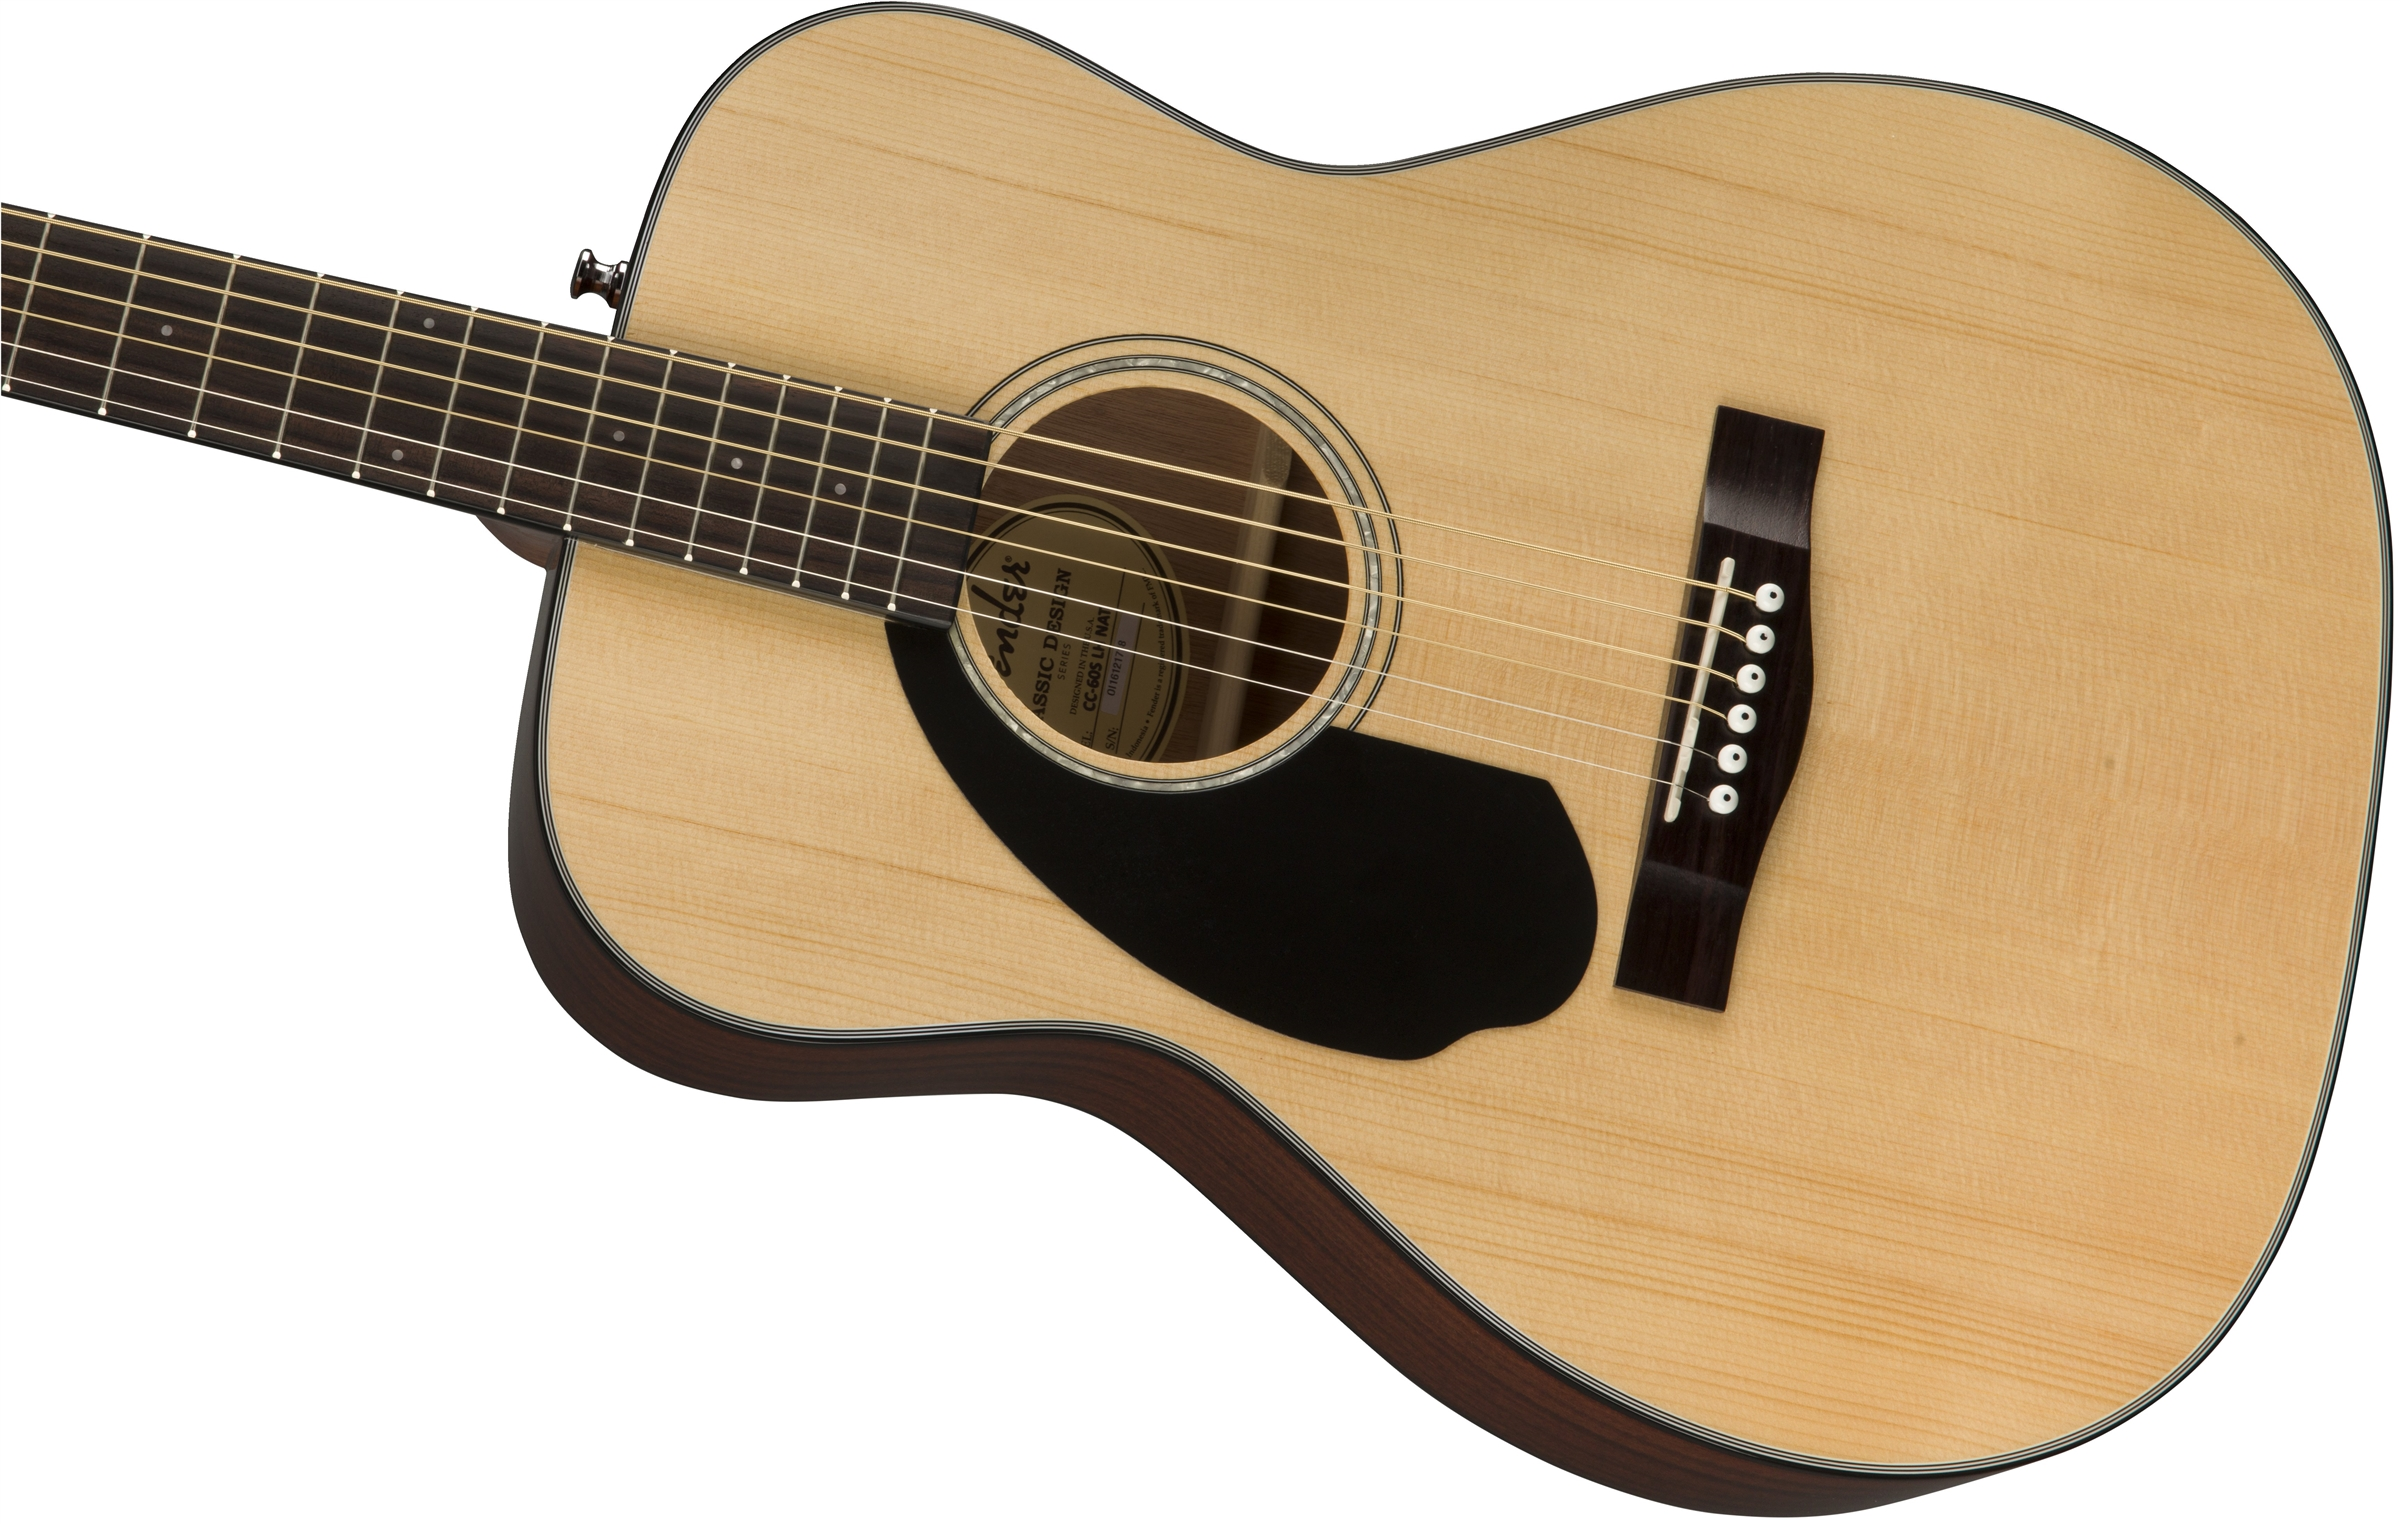 cc 60s concert left handed acoustic guitars. Black Bedroom Furniture Sets. Home Design Ideas